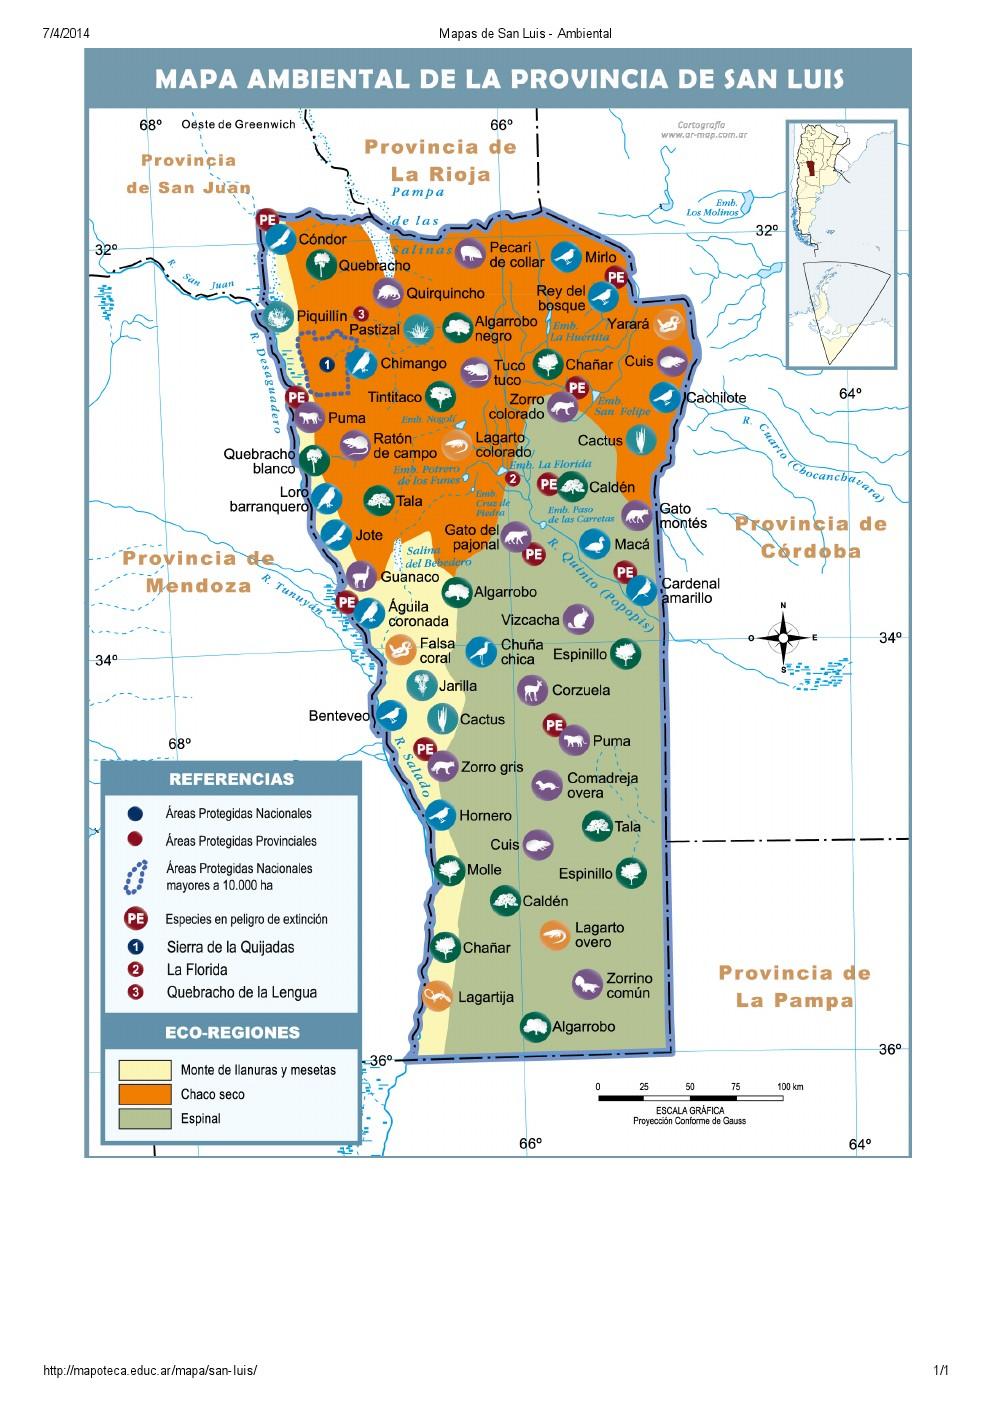 Mapa ambiental de San Luis. Mapoteca de Educ.ar